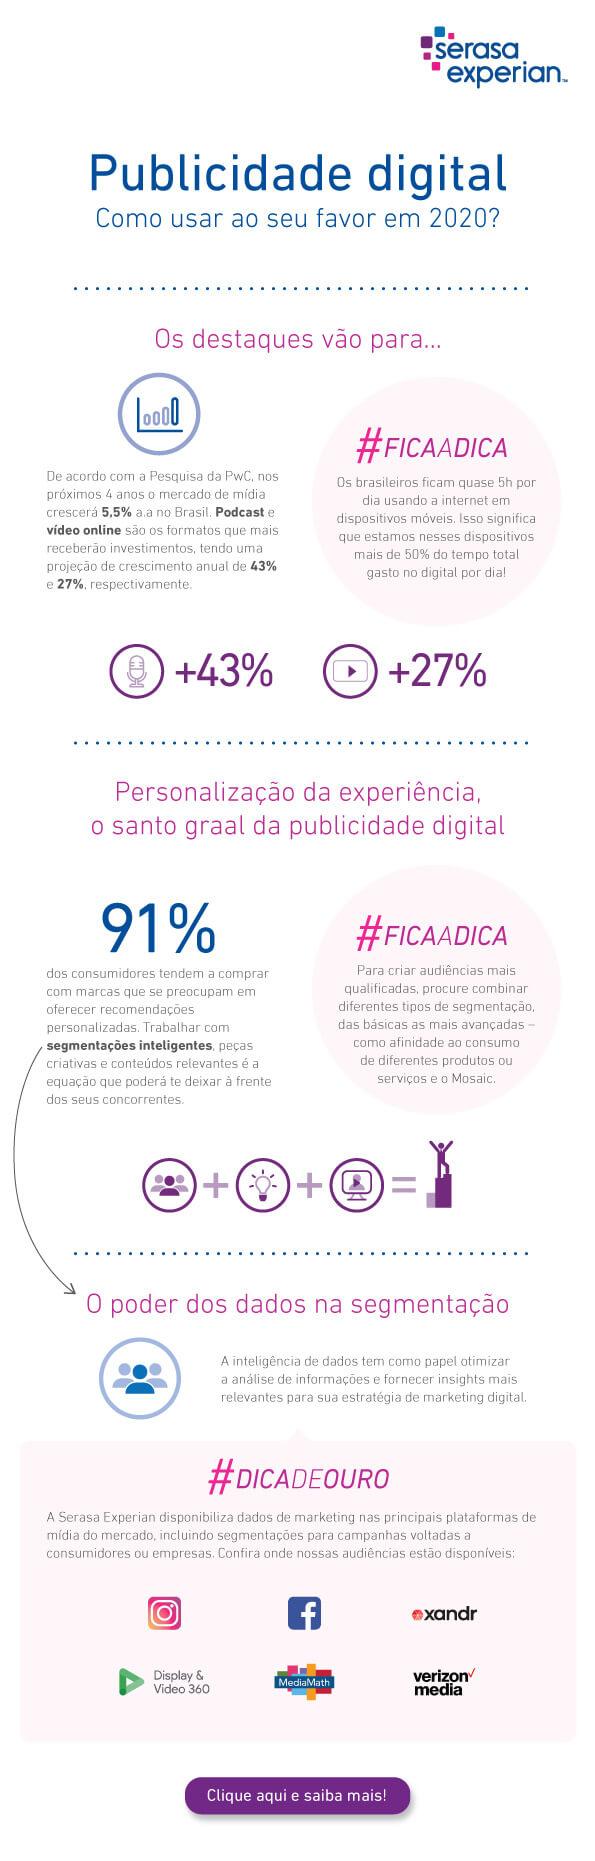 Como usar a publicidade digital a seu favor. Personalização da experiência e o poder dos dados na segmentação de campanhas